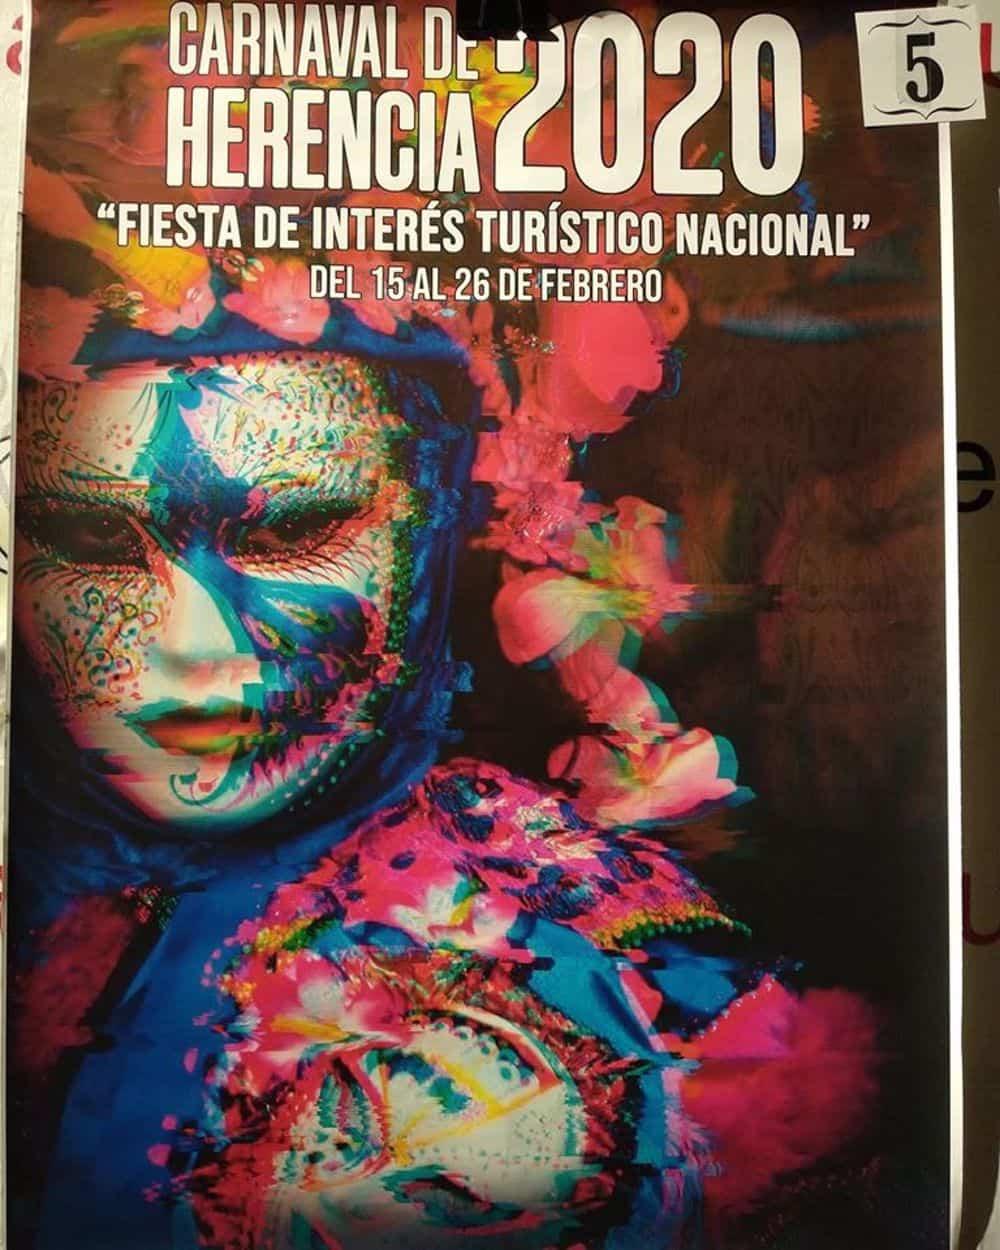 Conoce los carteles de Carnaval de Herencia 2020, ¿cuál te gusta más? 33